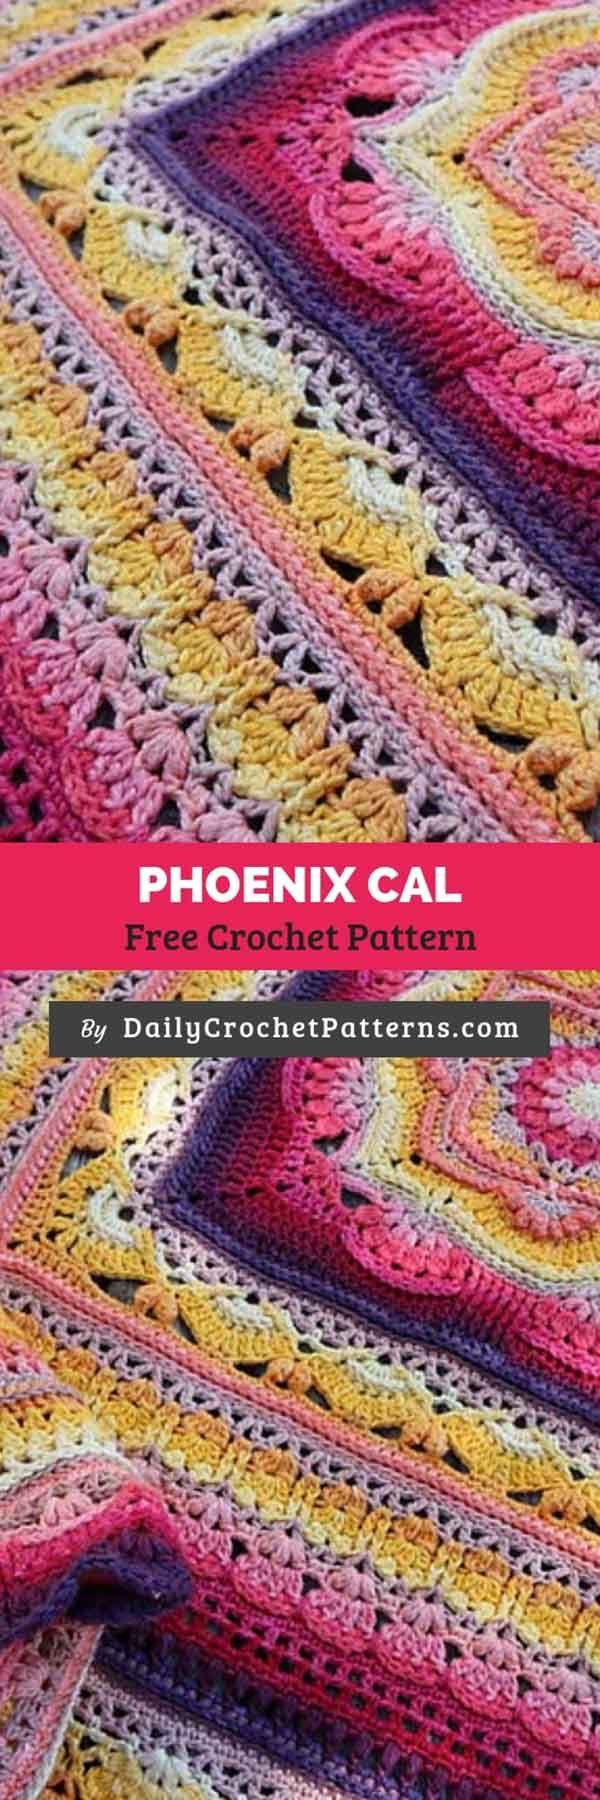 Phoenix Cal Free Crochet Pattern Crochet Afghan Patterns Free Crochet Patterns Free Beginner Afghan Crochet Patterns